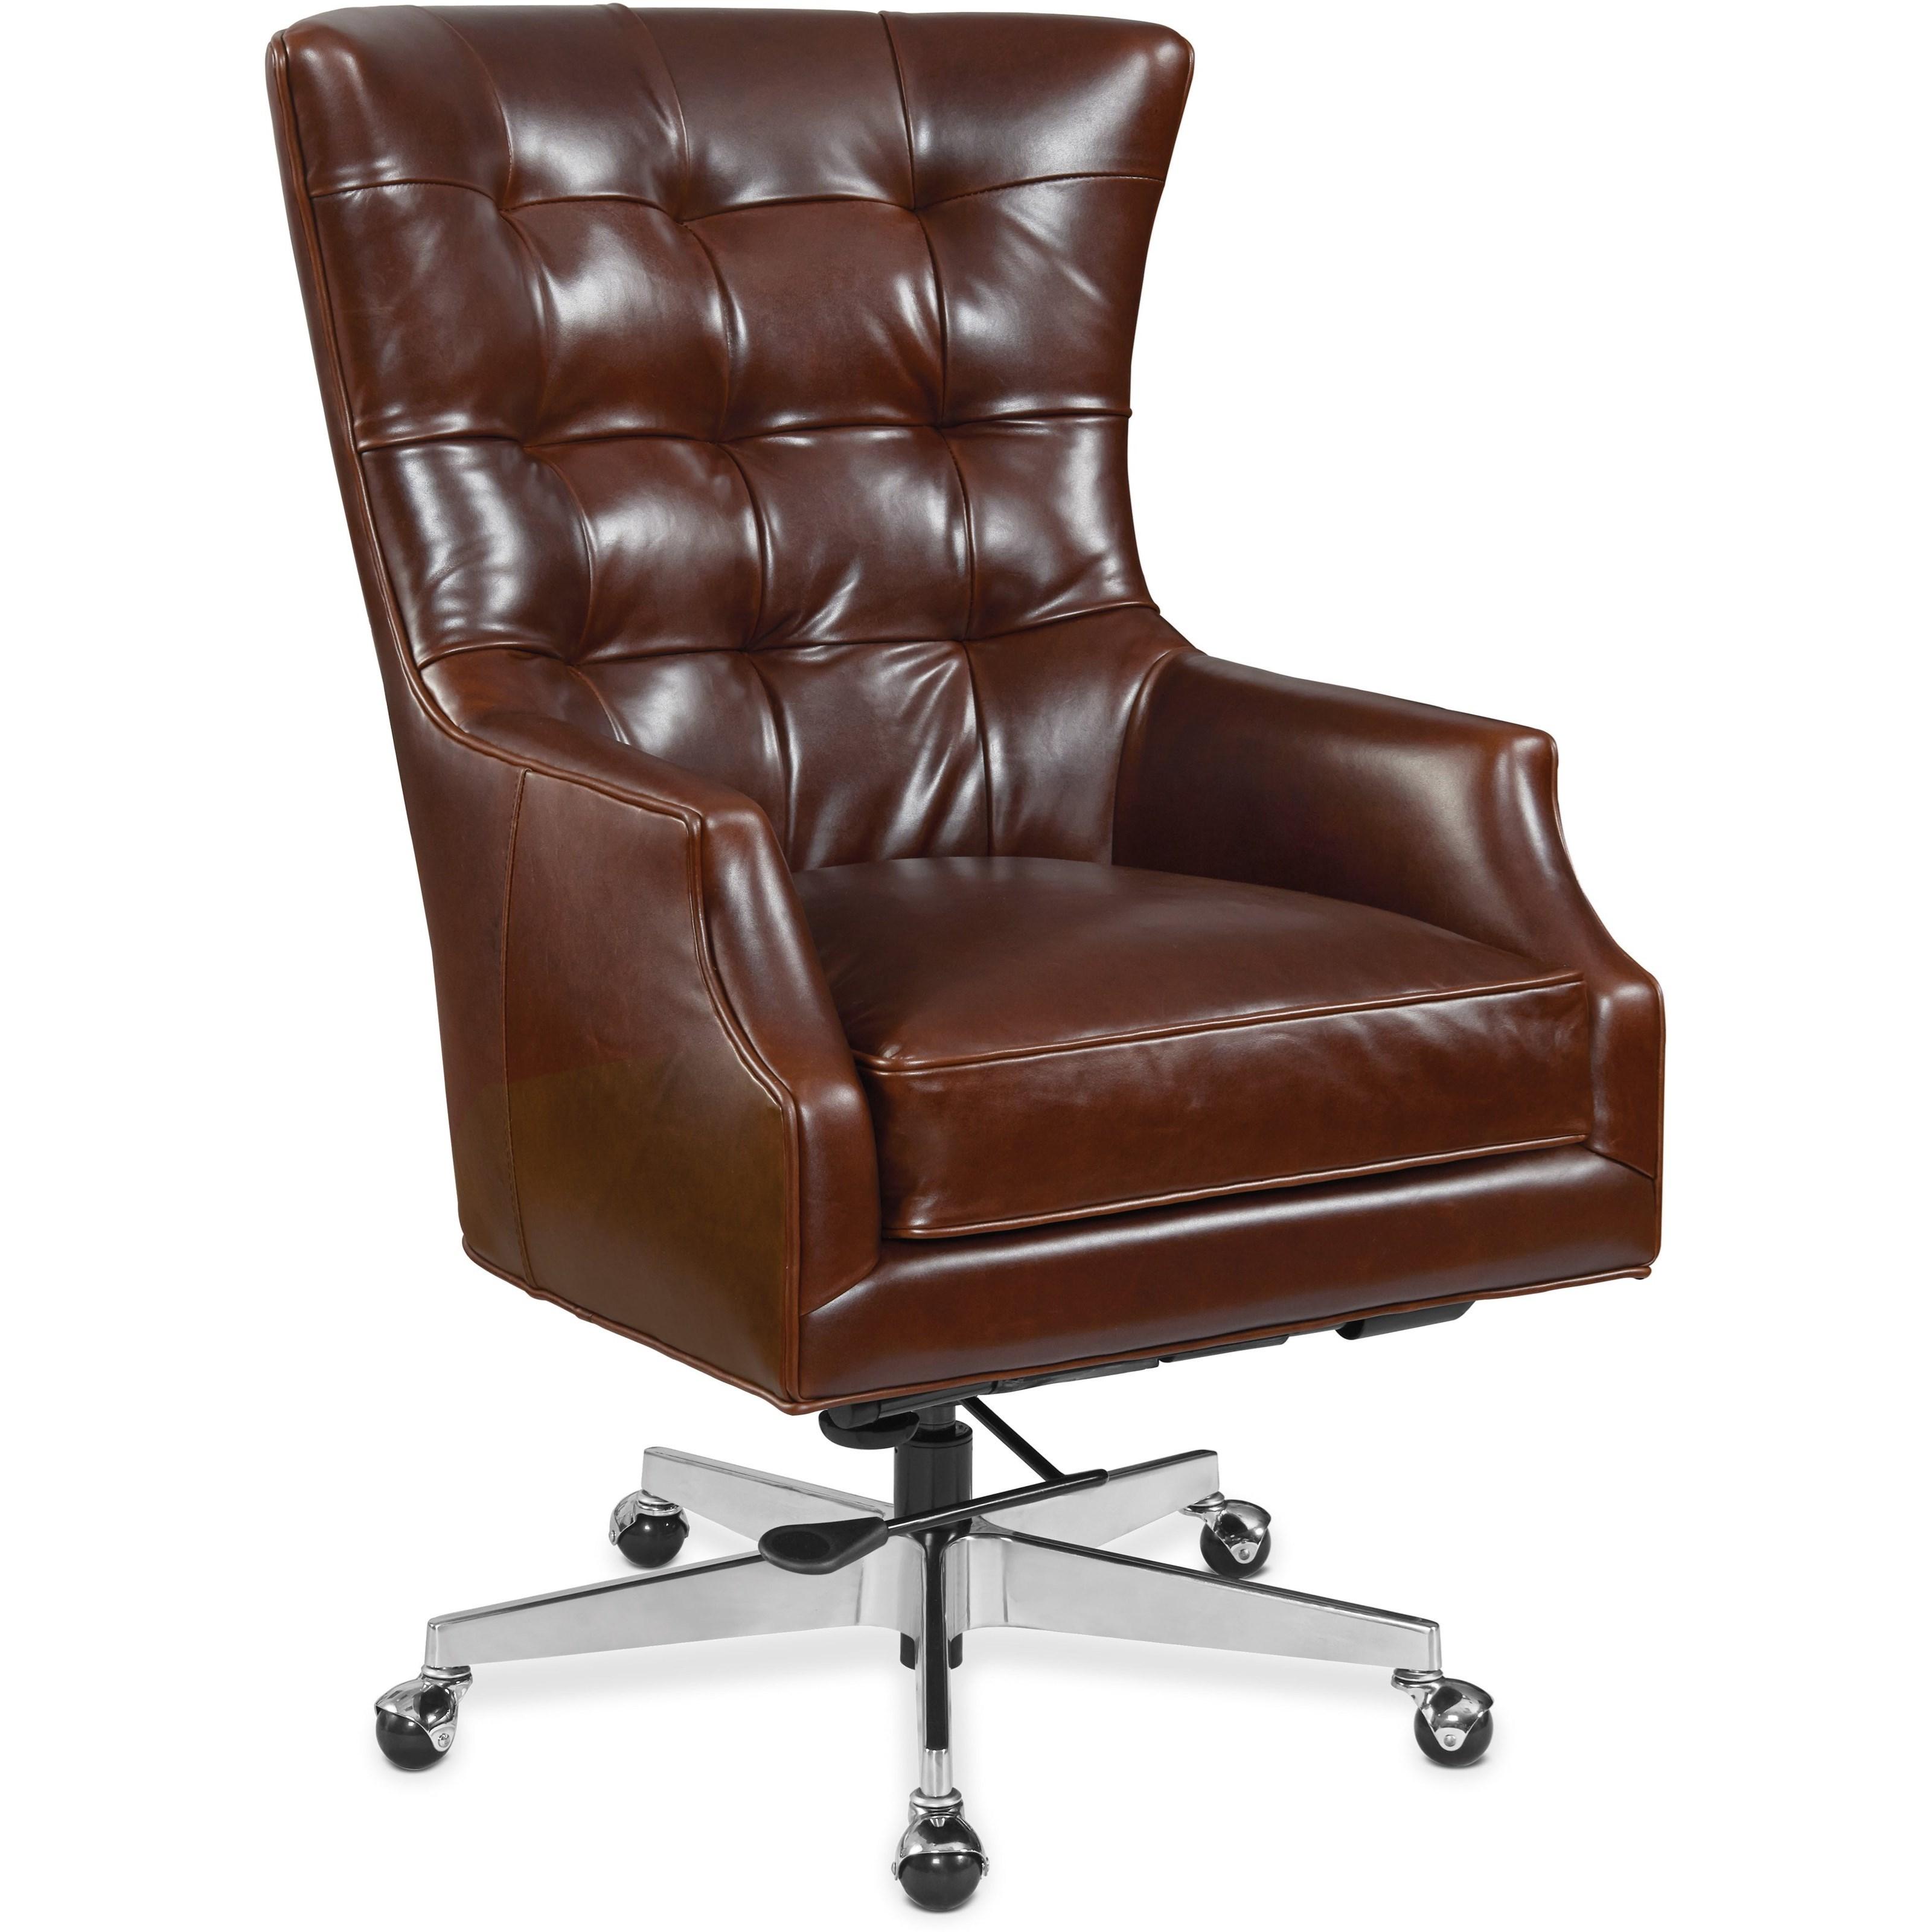 hooker furniture keatonhome office chair  [ 1024 x 768 Pixel ]